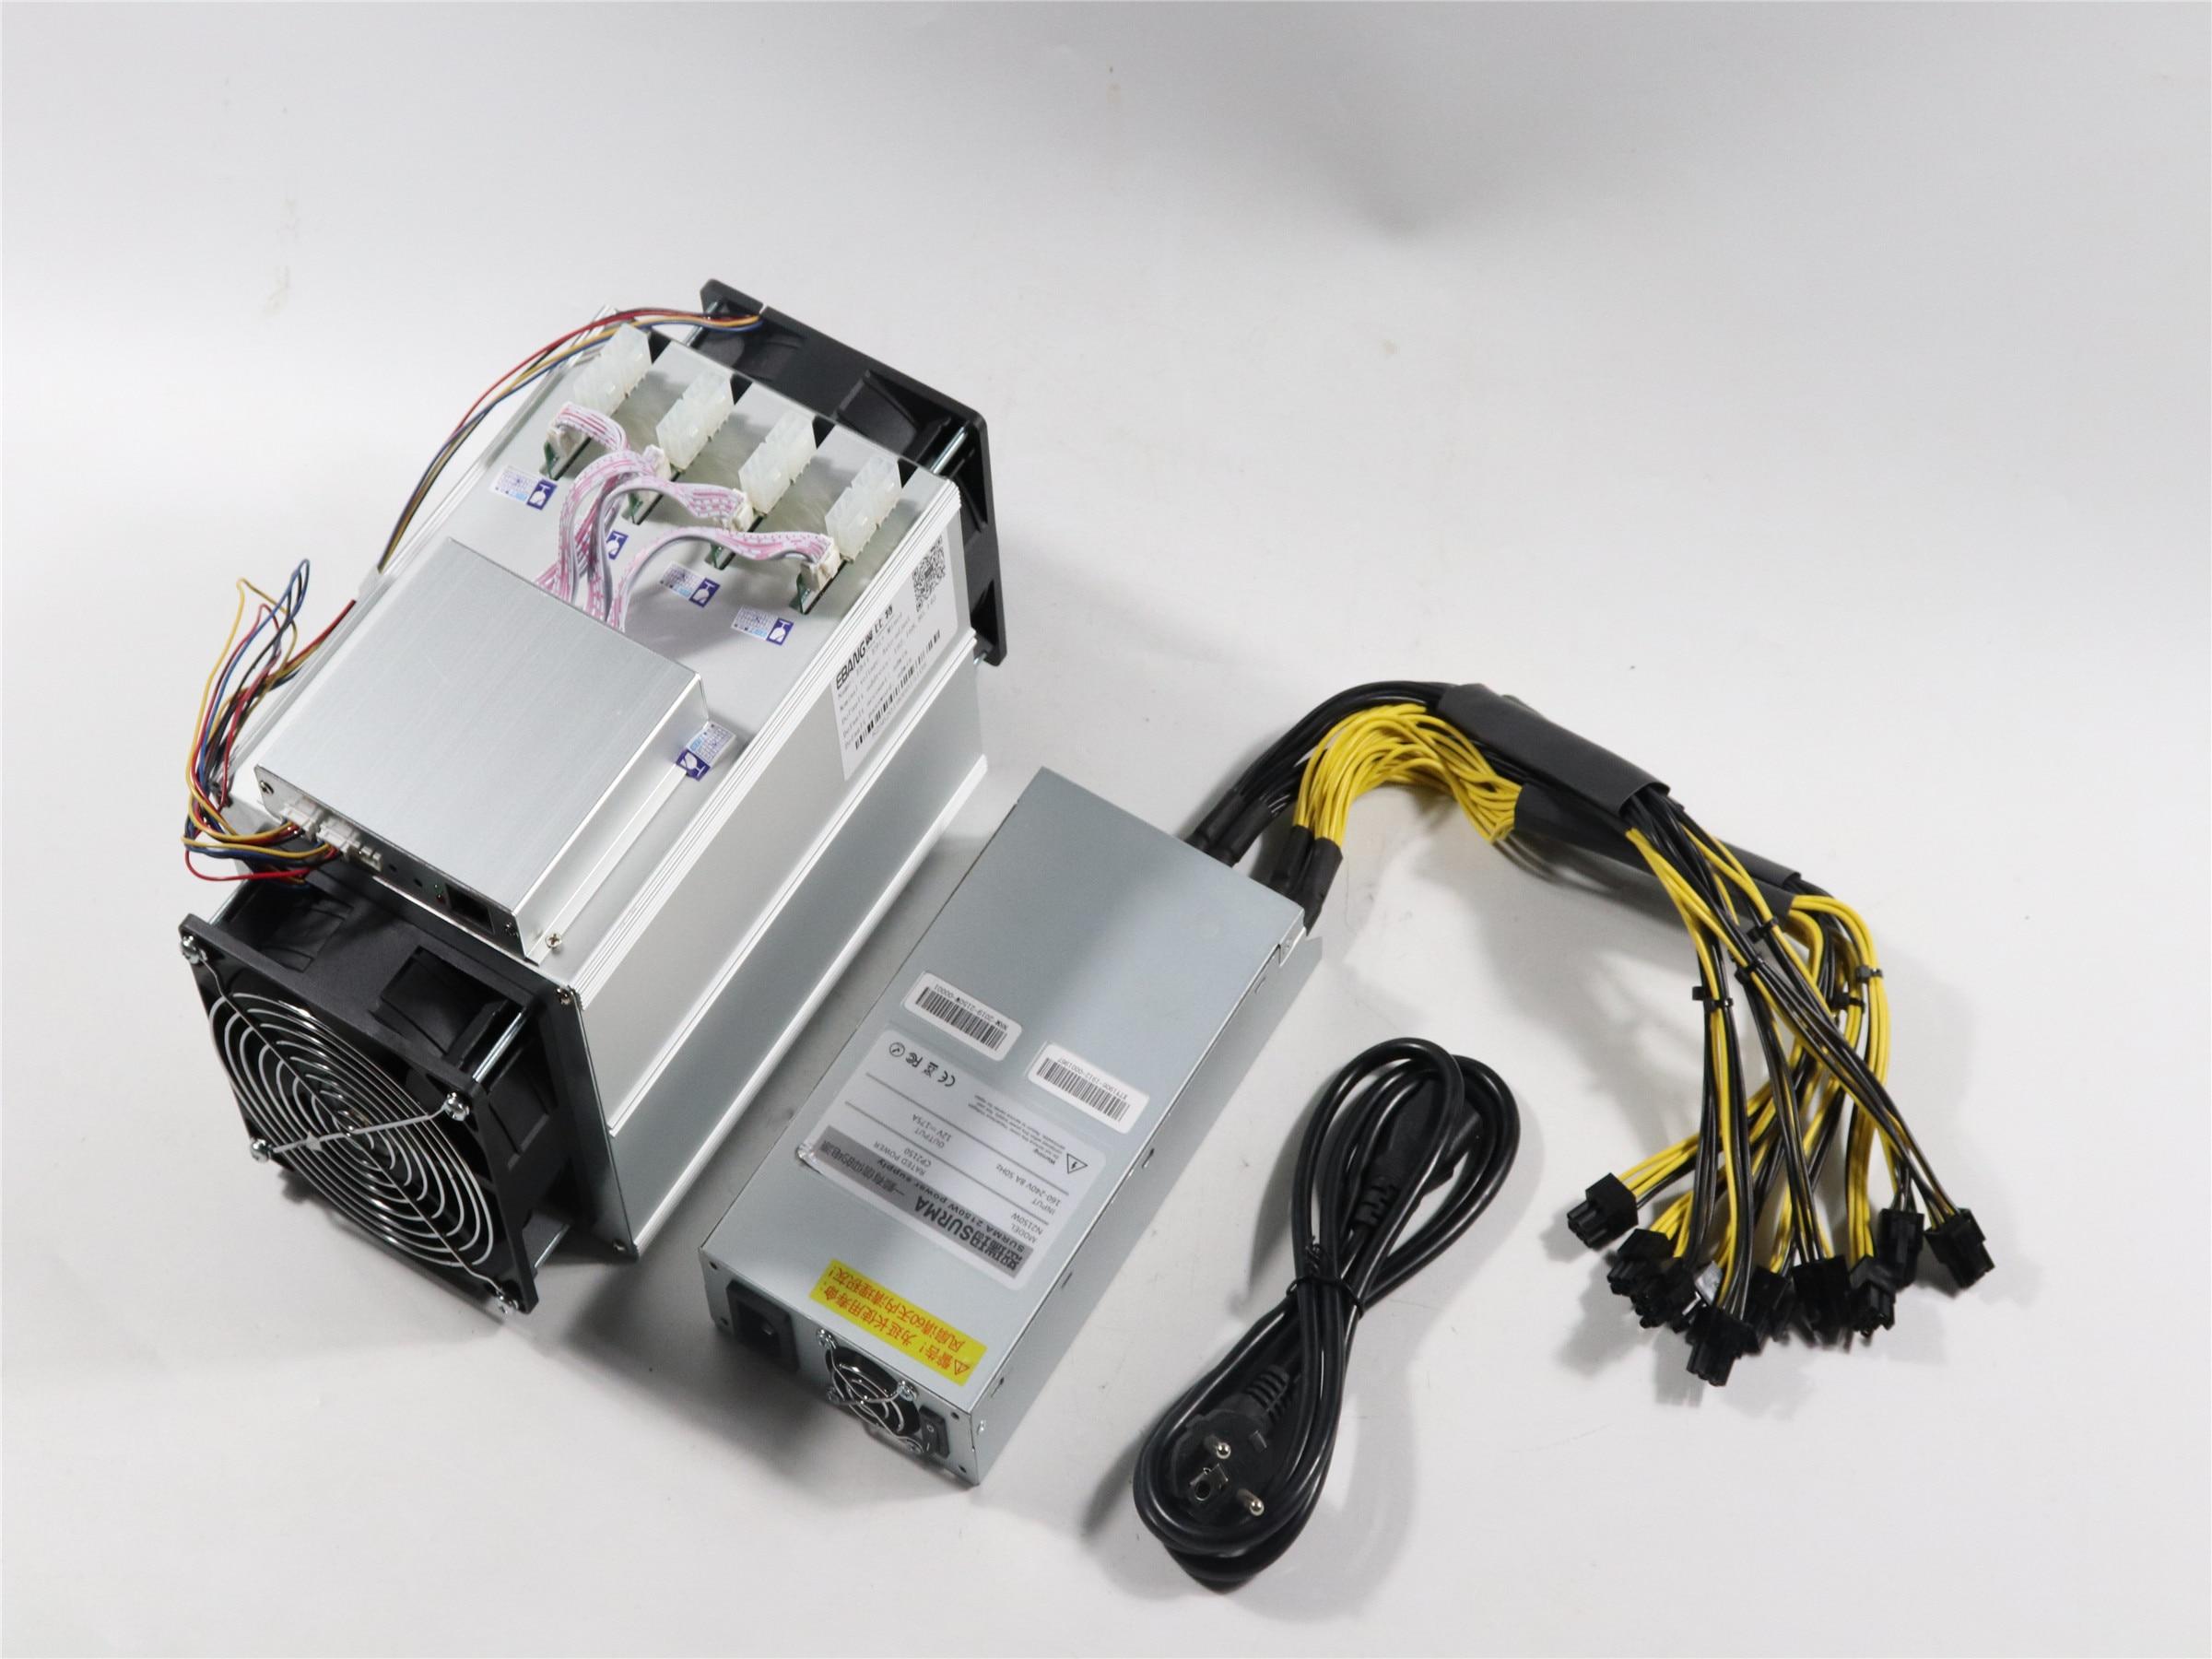 Utilisé Btc BCH Miner Ebit E9i 13.5t avec PSU économique que Antminer S9 S9j T9 + S11 Z9 what sminer M3